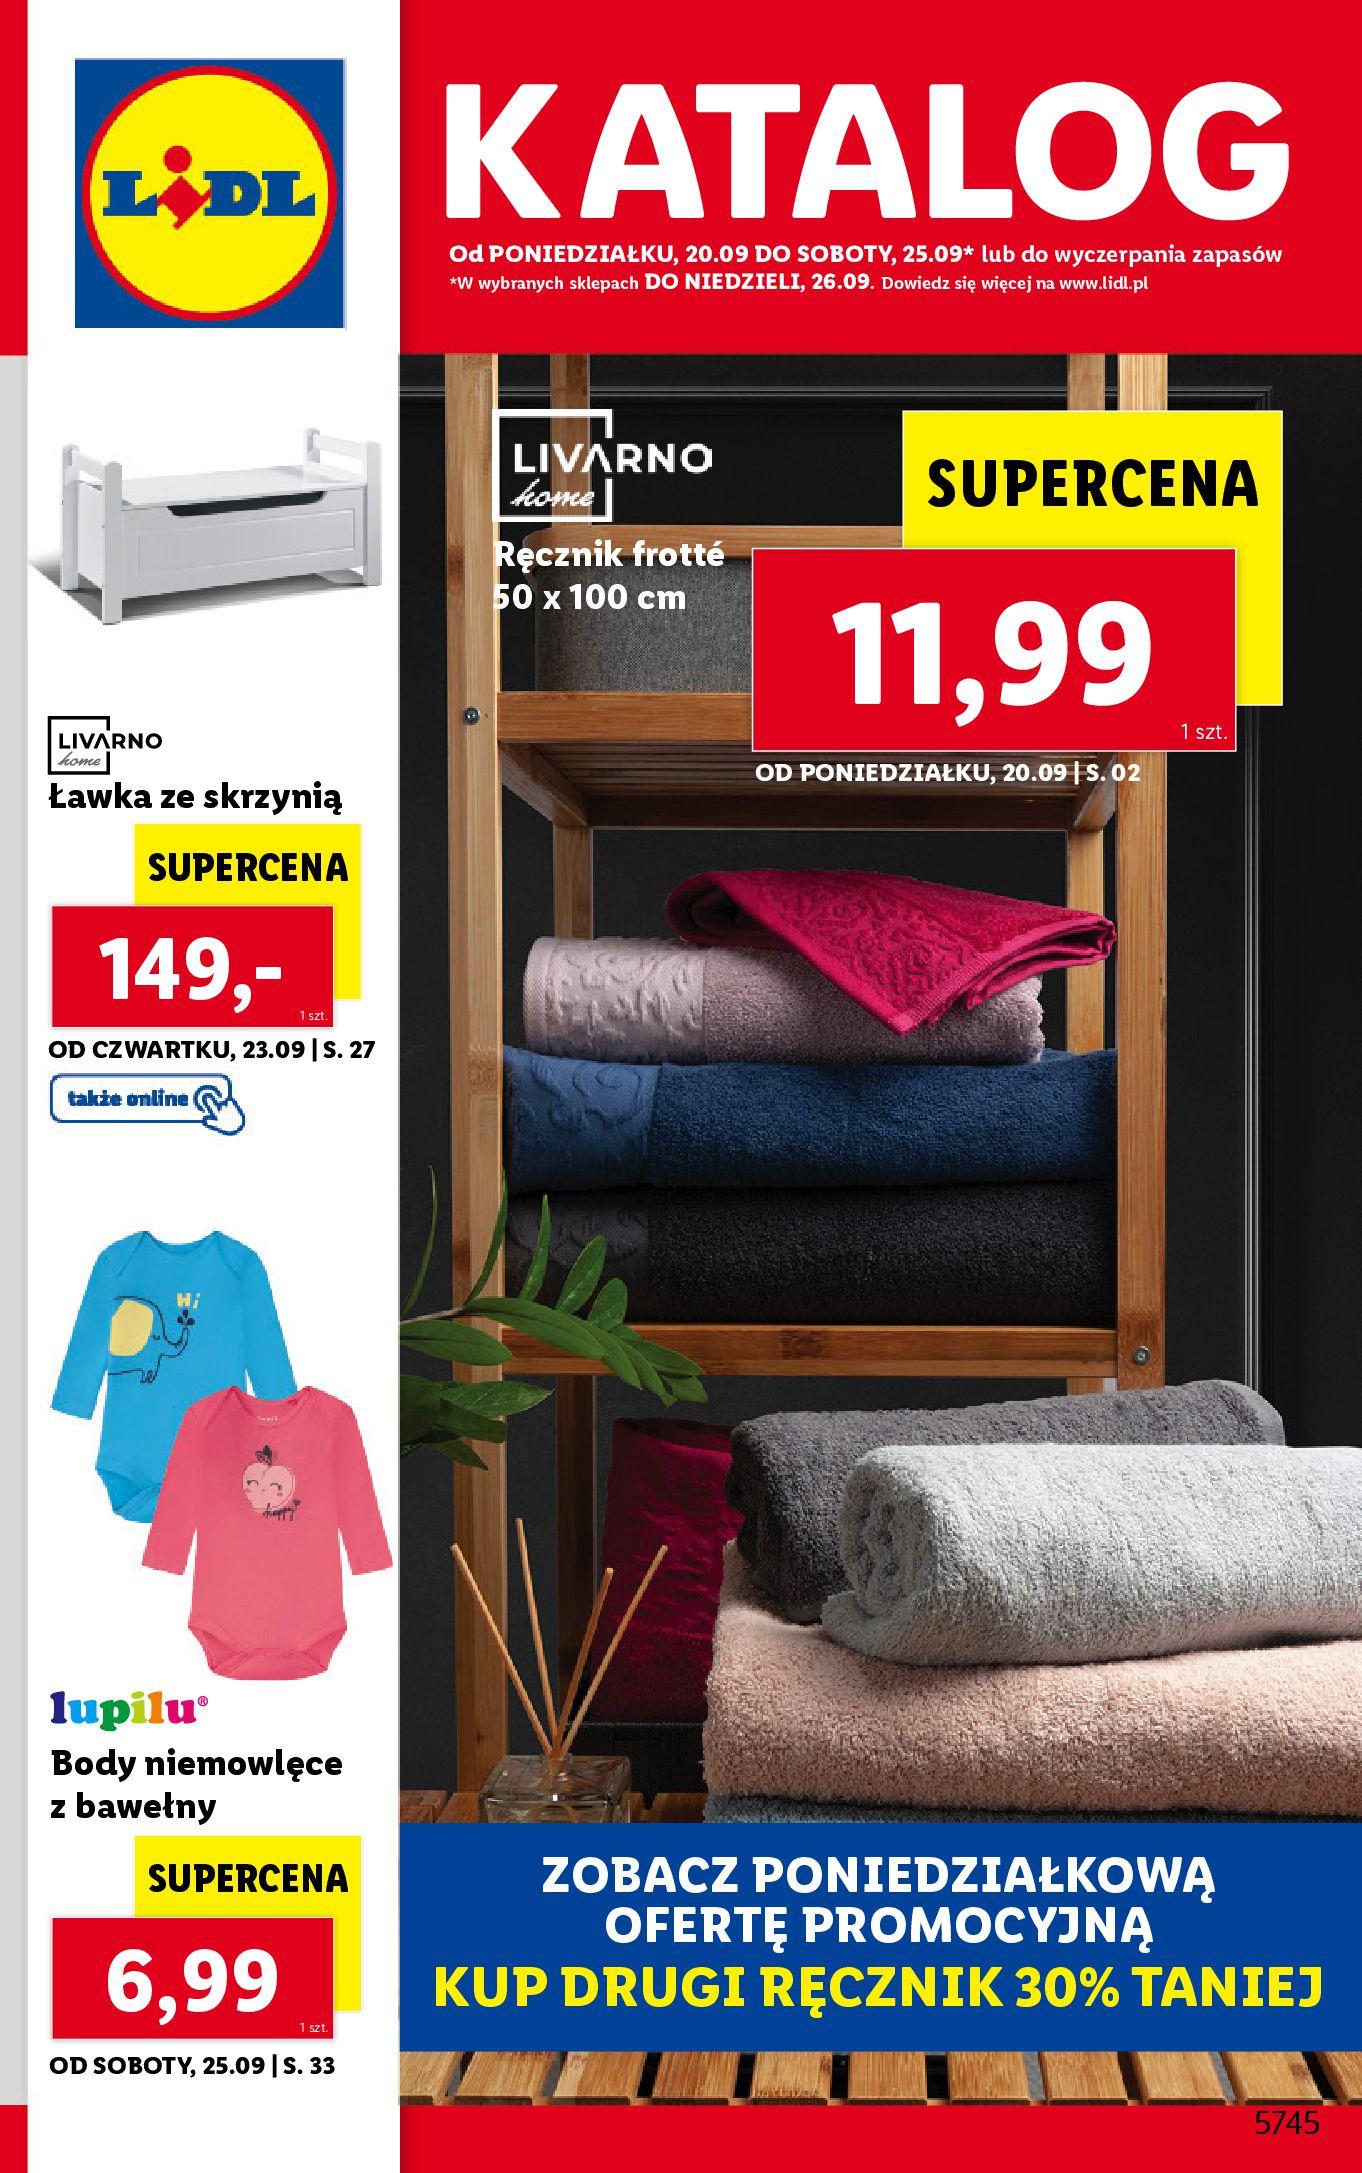 Gazetka Lidl: Gazetka Lidl - katalog ręczniki 2021-09-20 page-1